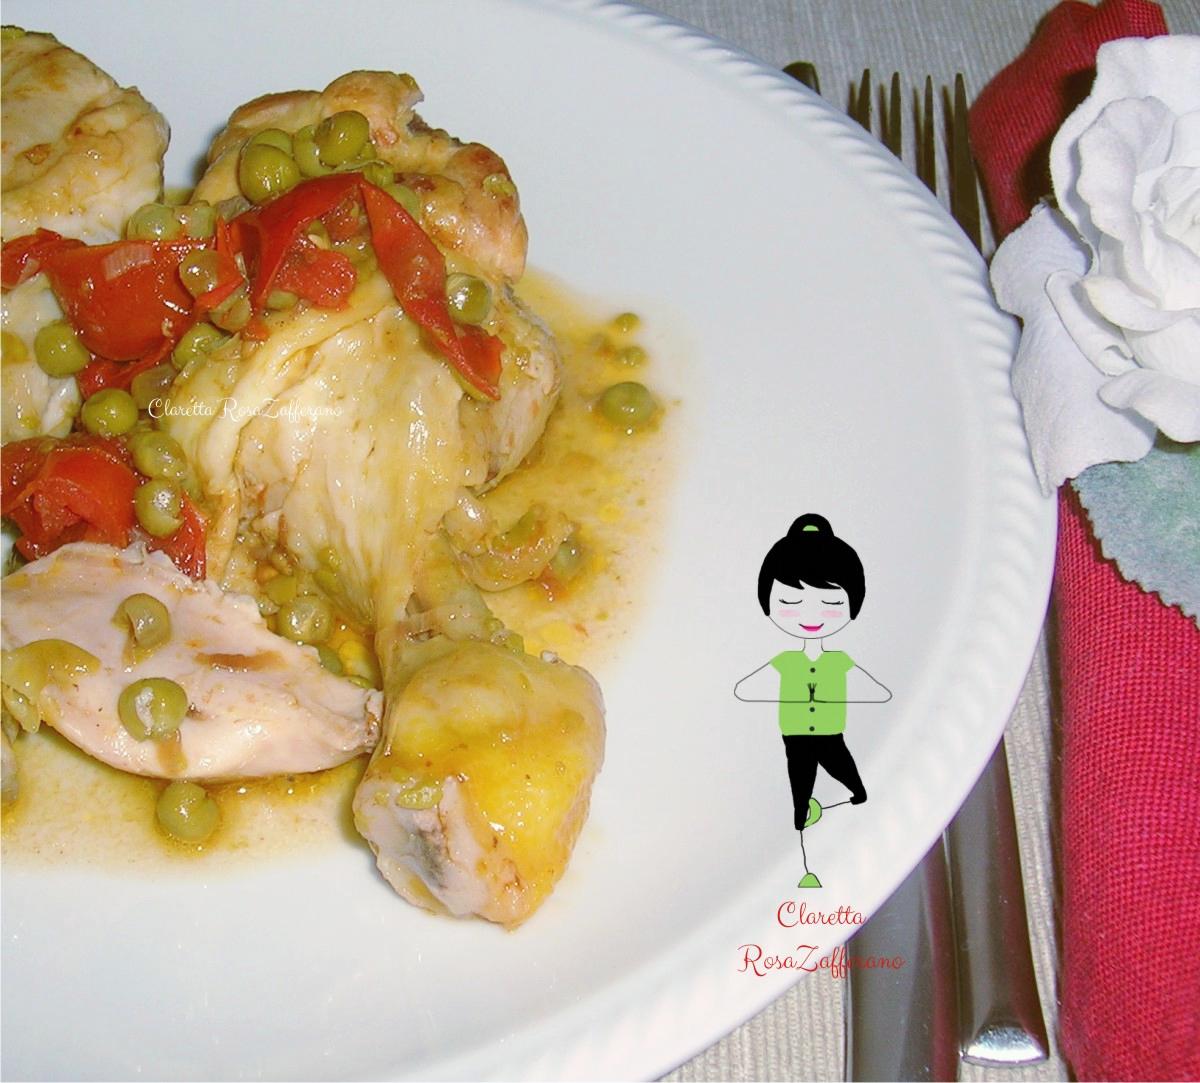 Cosce di pollo | Claretta RosaZafferano